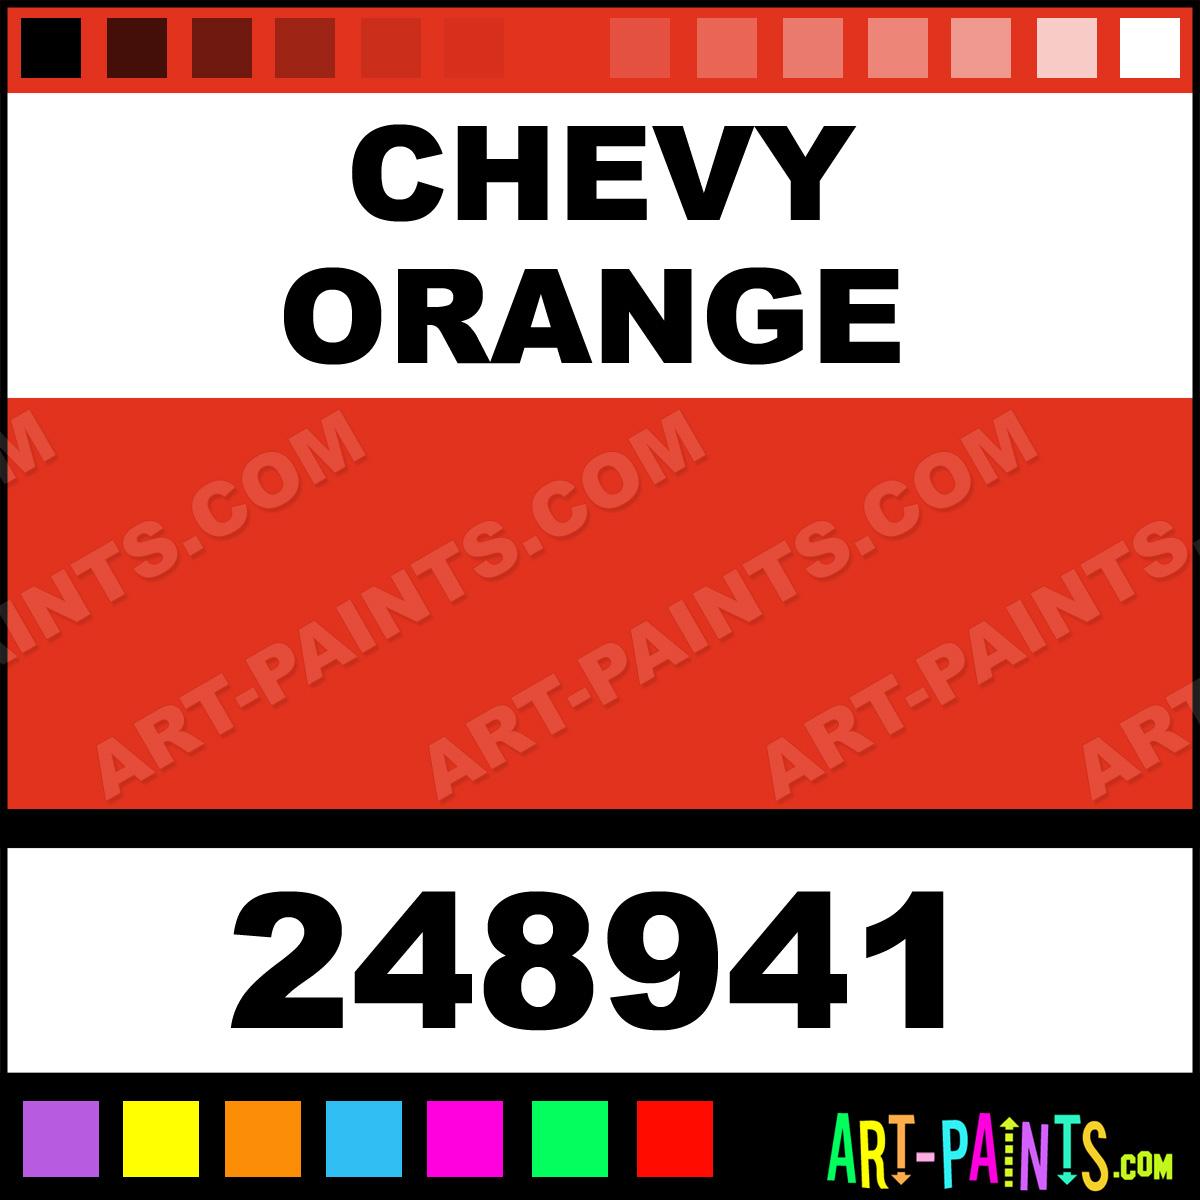 Chevy Orange Paint Brush